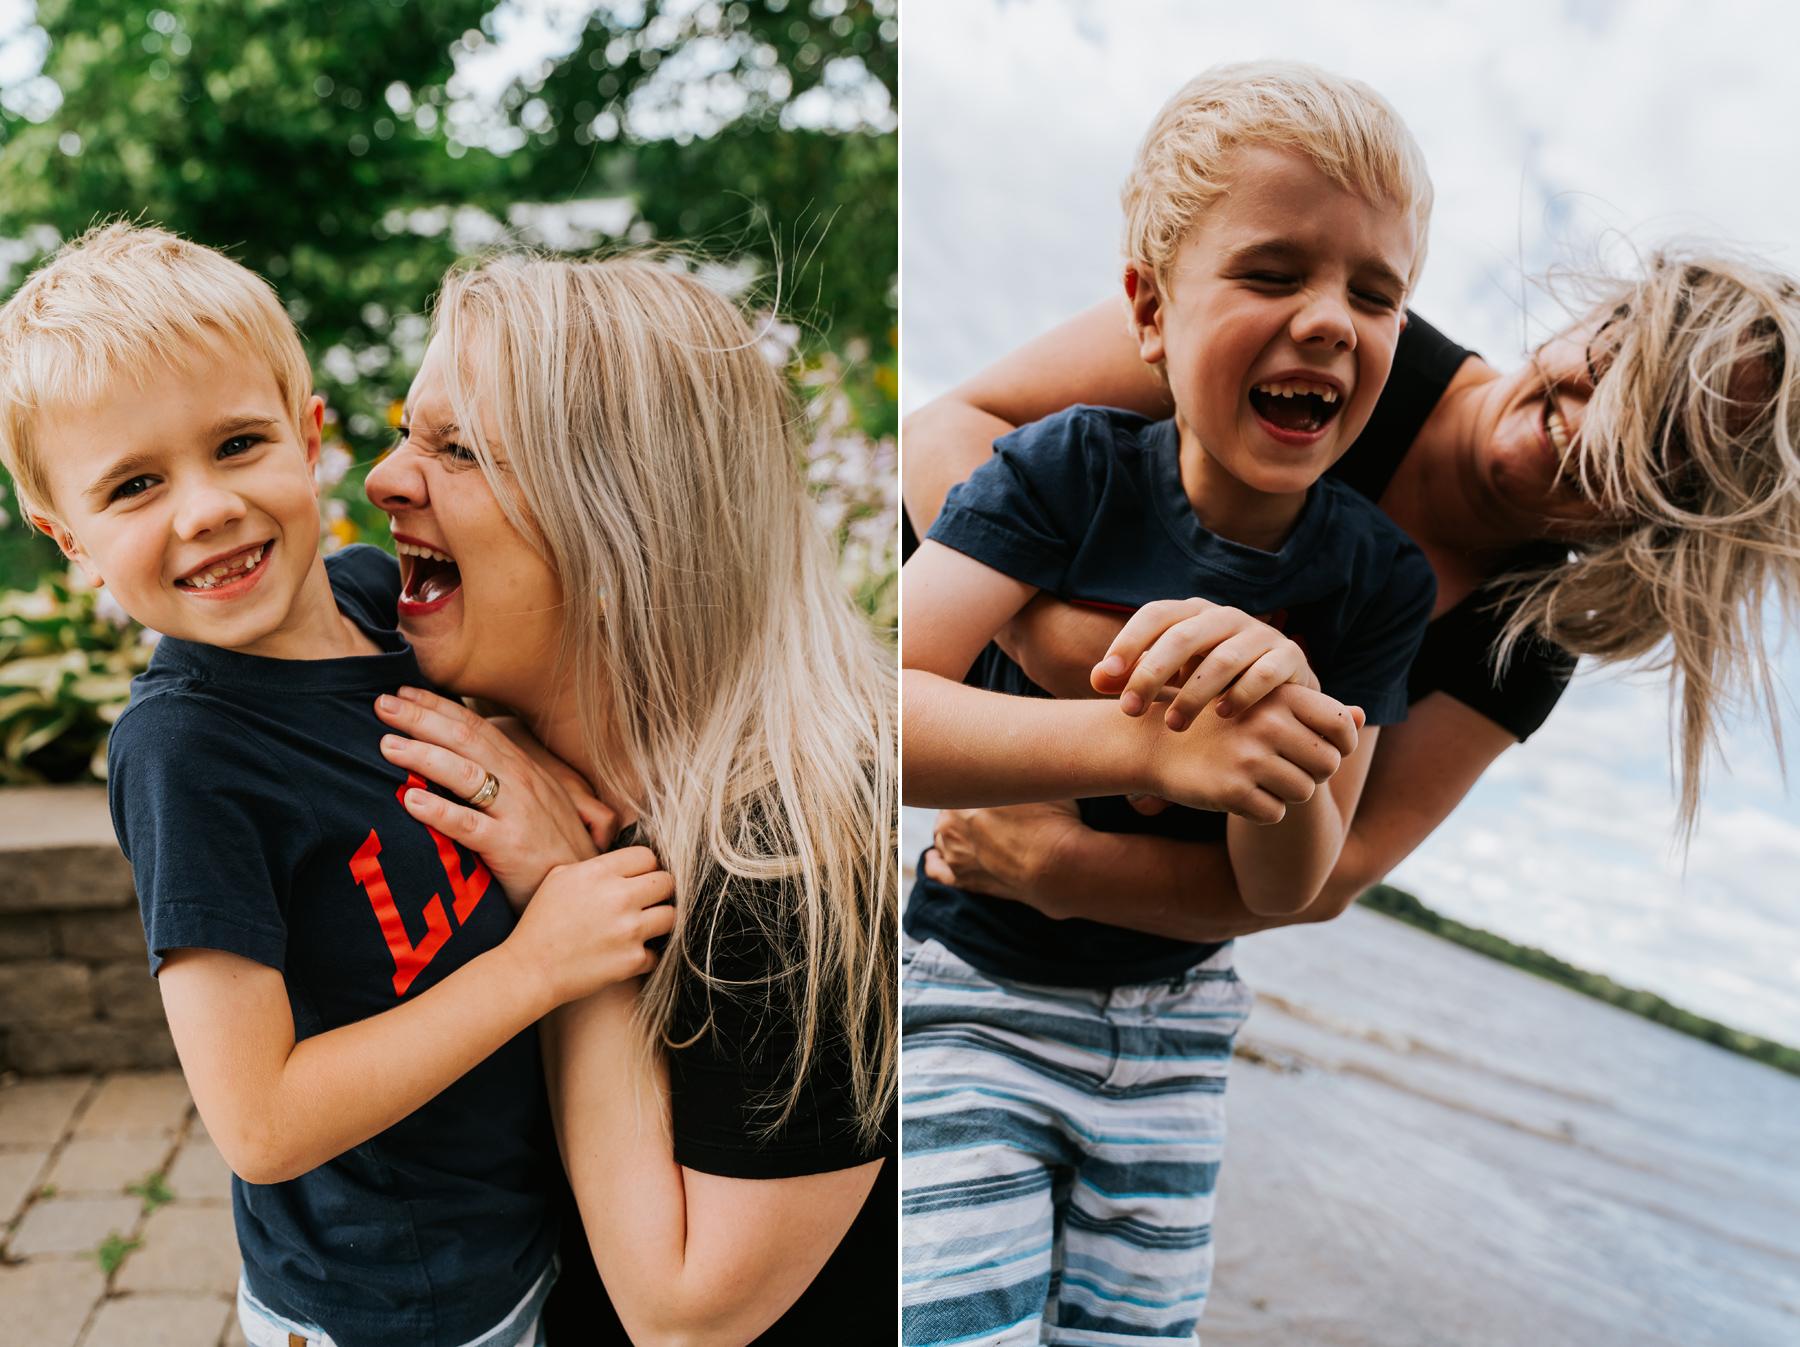 024-fredericton-family-portraits-kandisebrown-aj2020